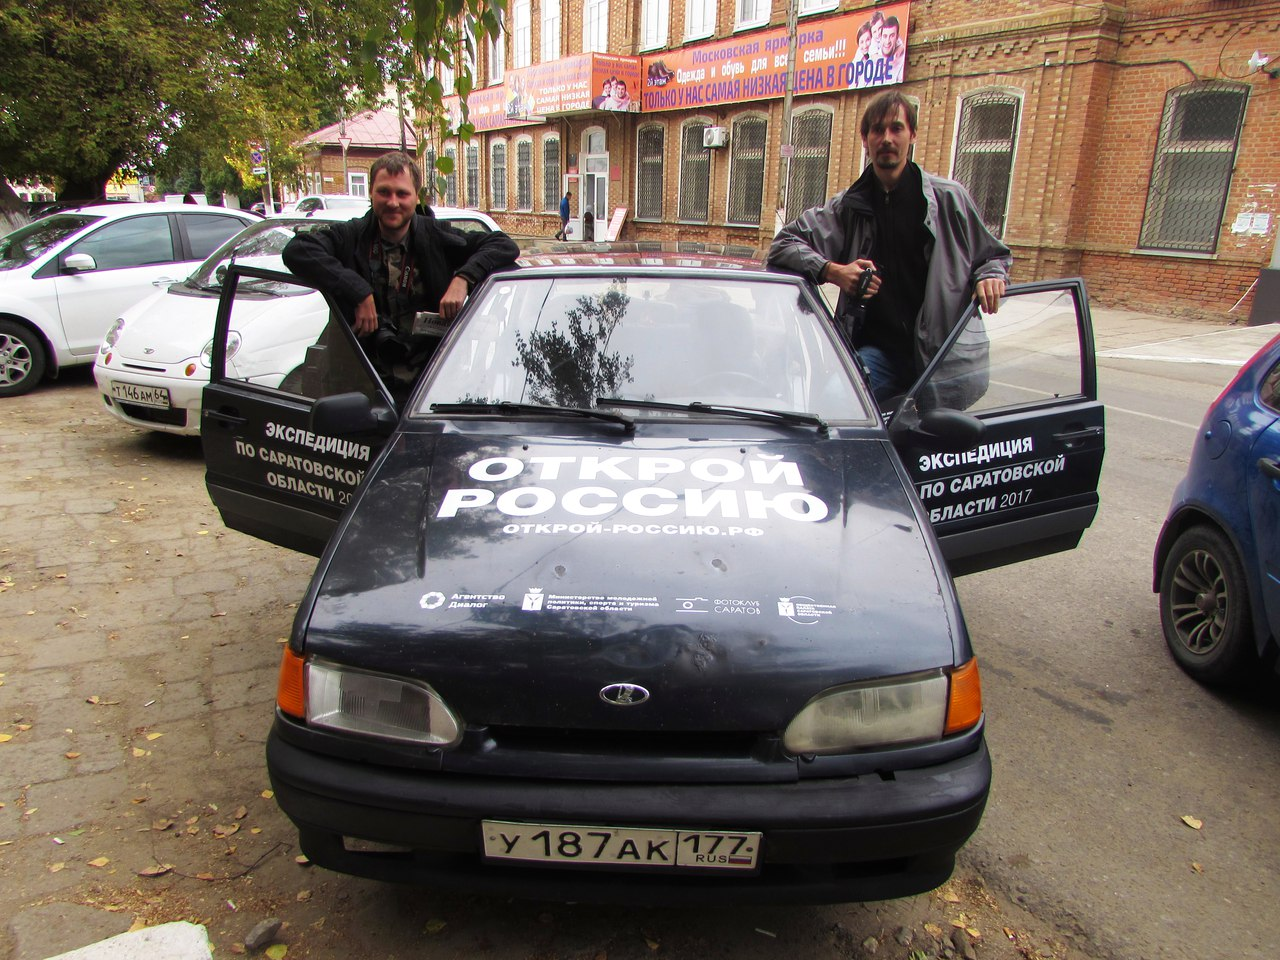 Эдвард Давтян (слева) и Александр Милашечкин (справа)